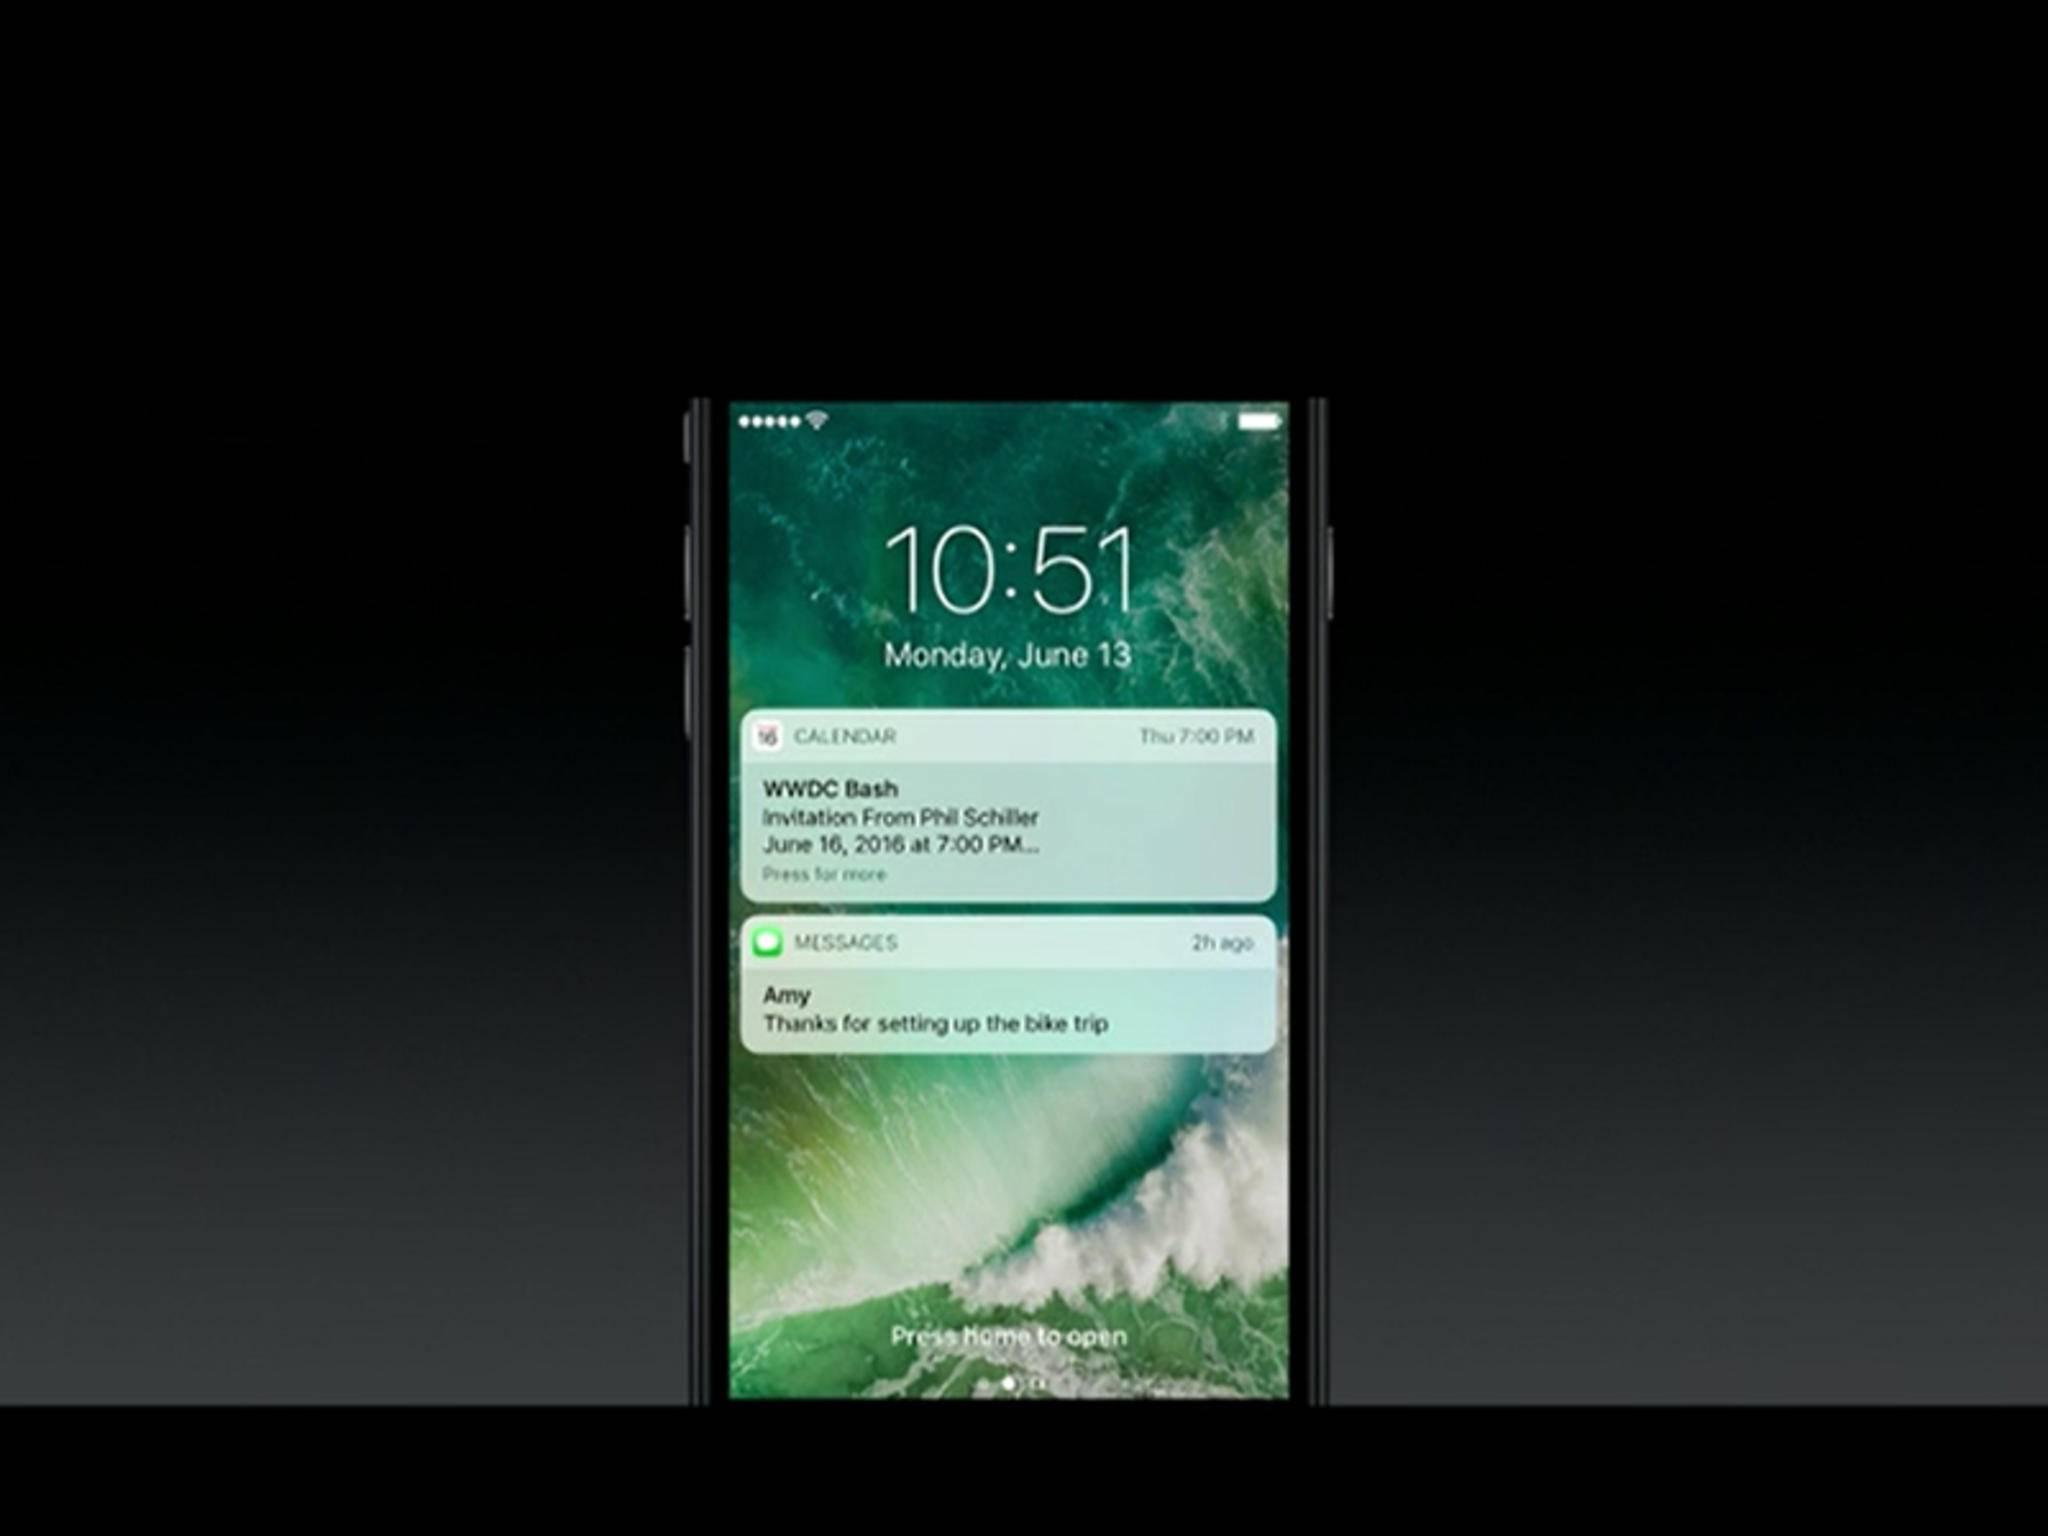 Mitteilungen werden in iOS 10 etwas anders dargestellt.